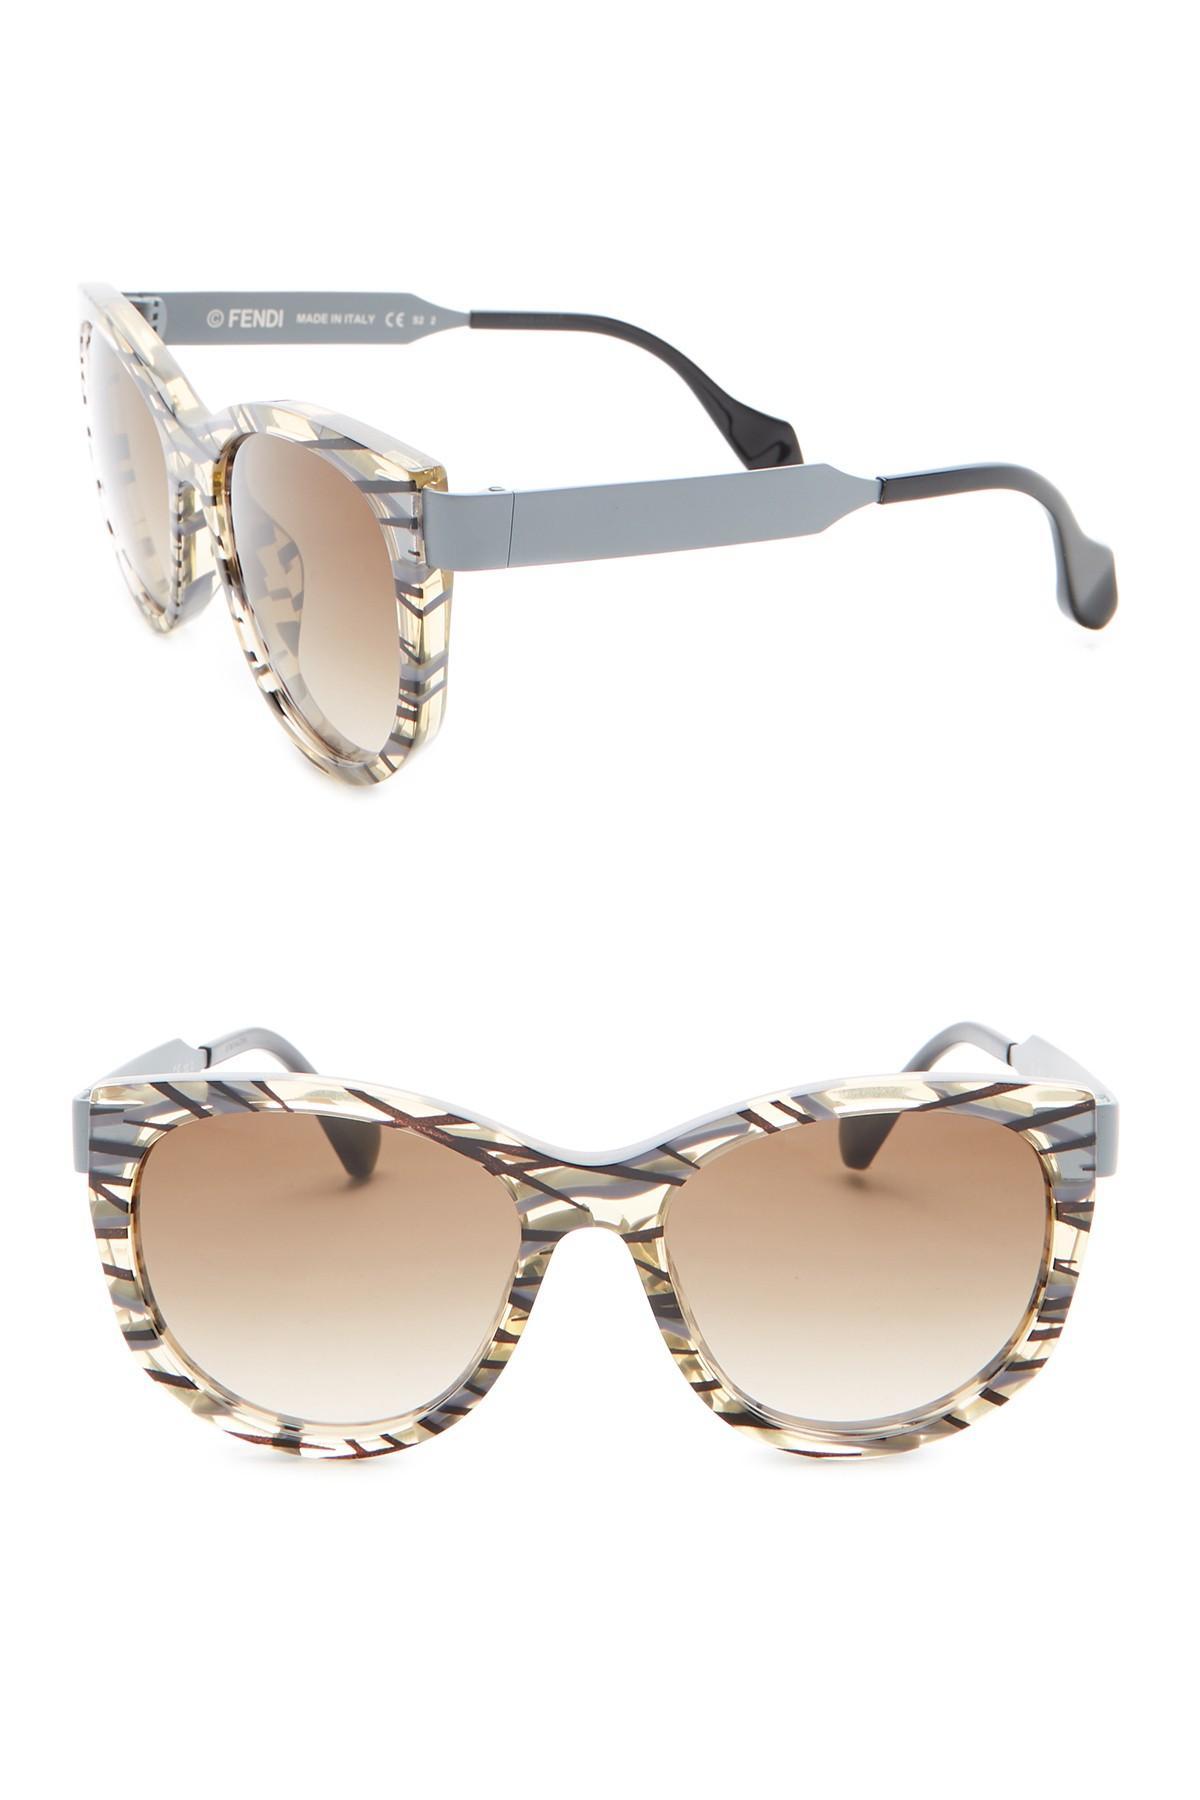 5f603b50845 Fendi. Women s 54mm Cat Eye Sunglasses